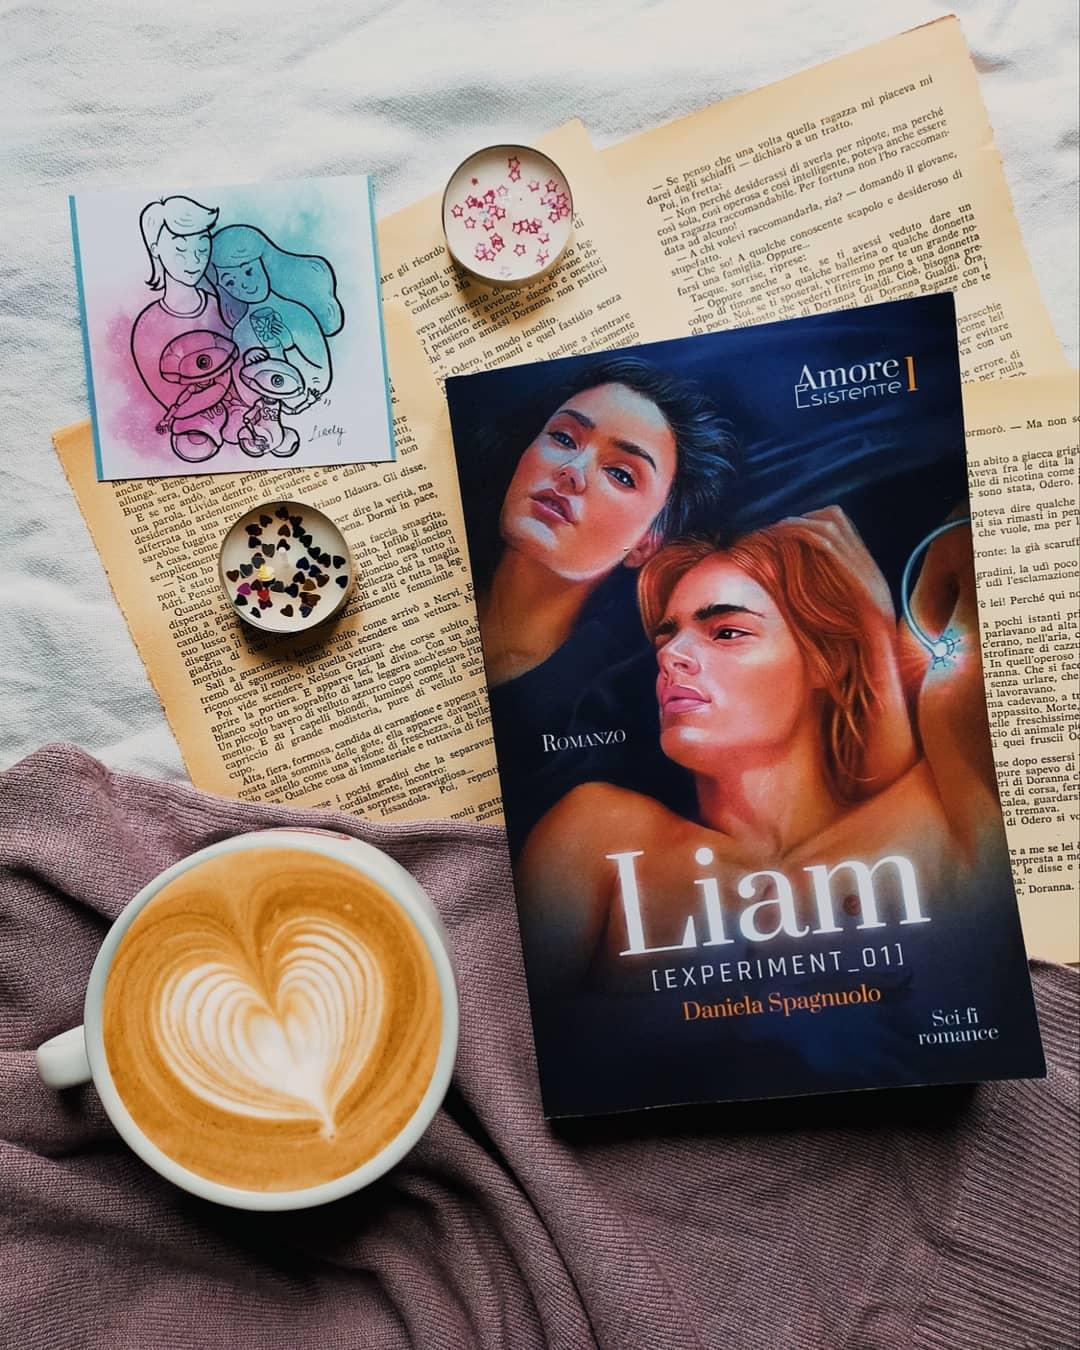 Liam experiment 01 - Cartaceo